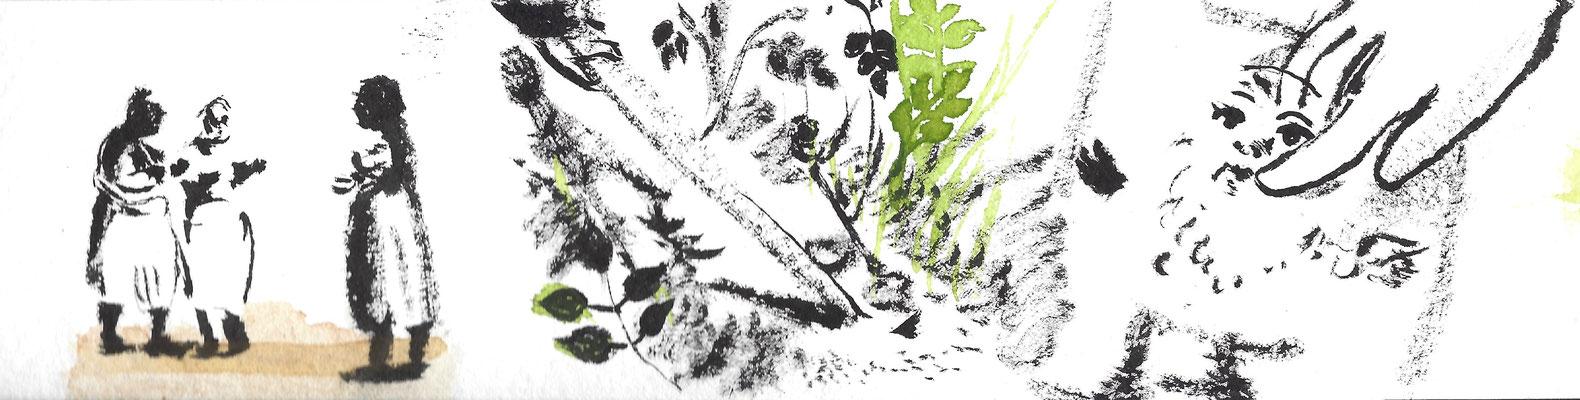 Streifen 1, Bild 3